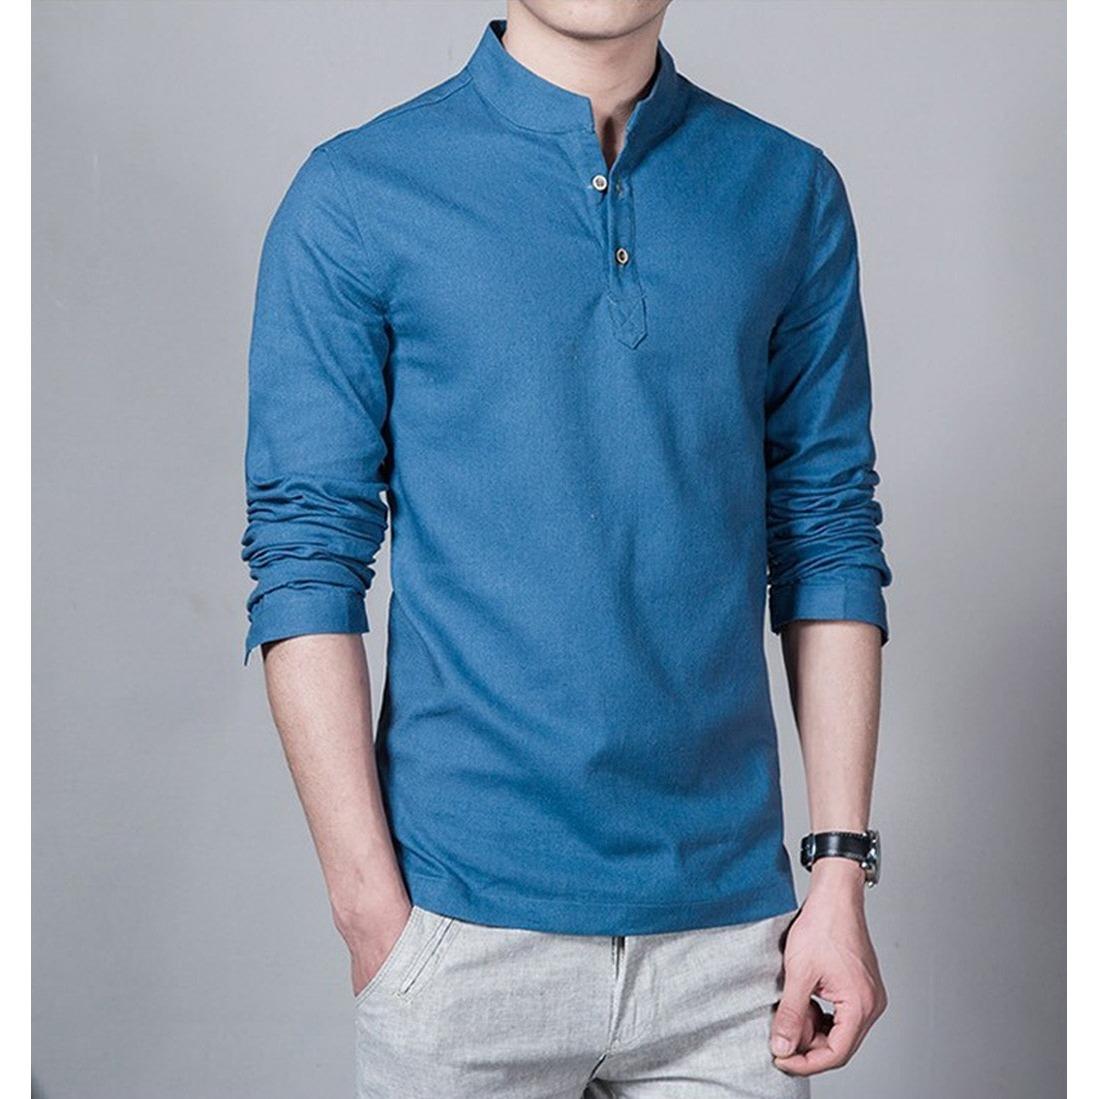 Baju Koko Shaquille Bahan Cotton Warna Biru Adem Saat Dipakai, Tersedia Semua Logo Club, Kemeja Koko Cocok Untuk Sehari-hari